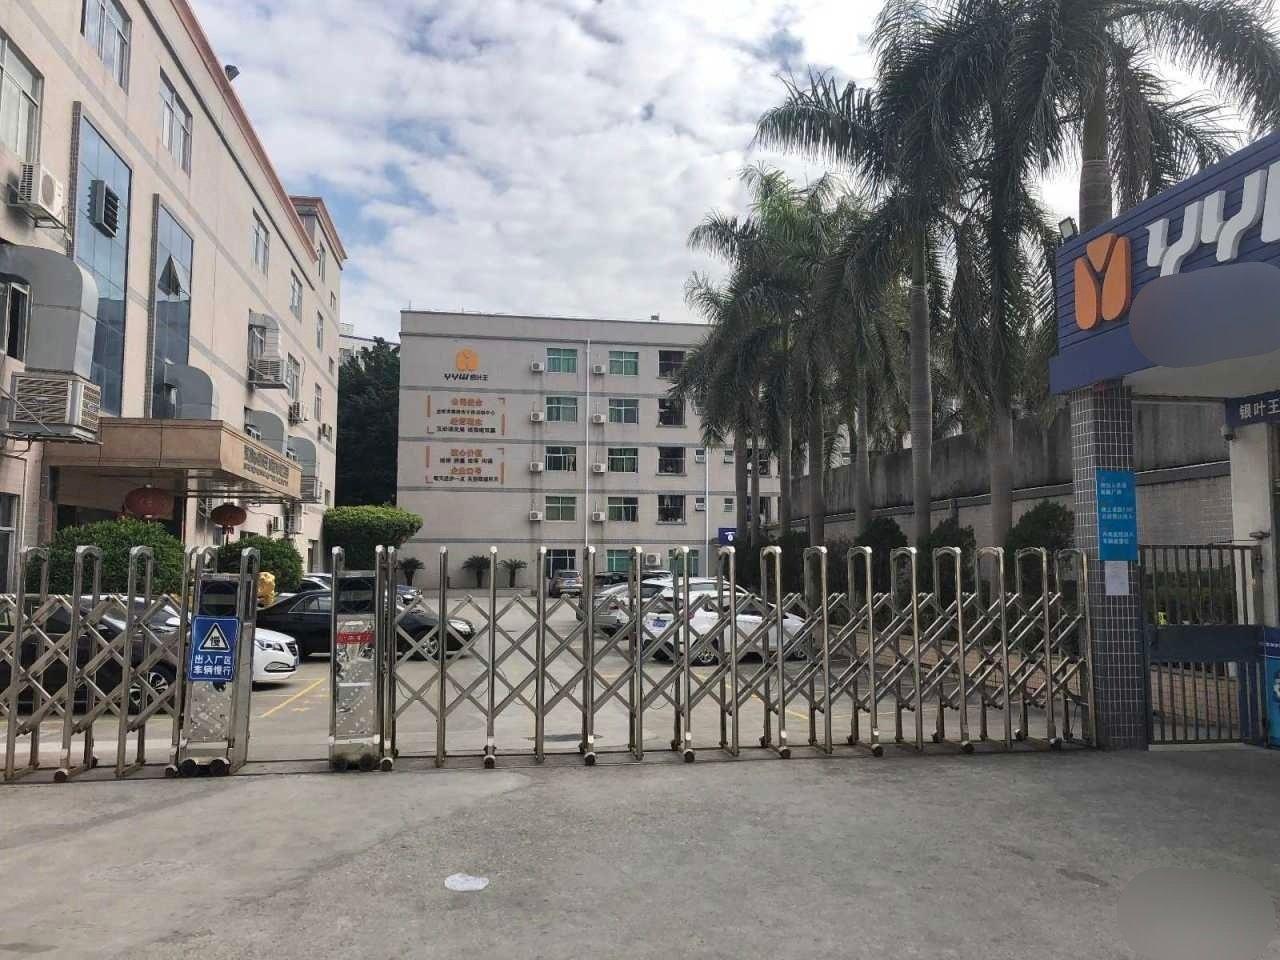 出租丨塘坑地铁站附近厂房450平出租龙岗区横岗